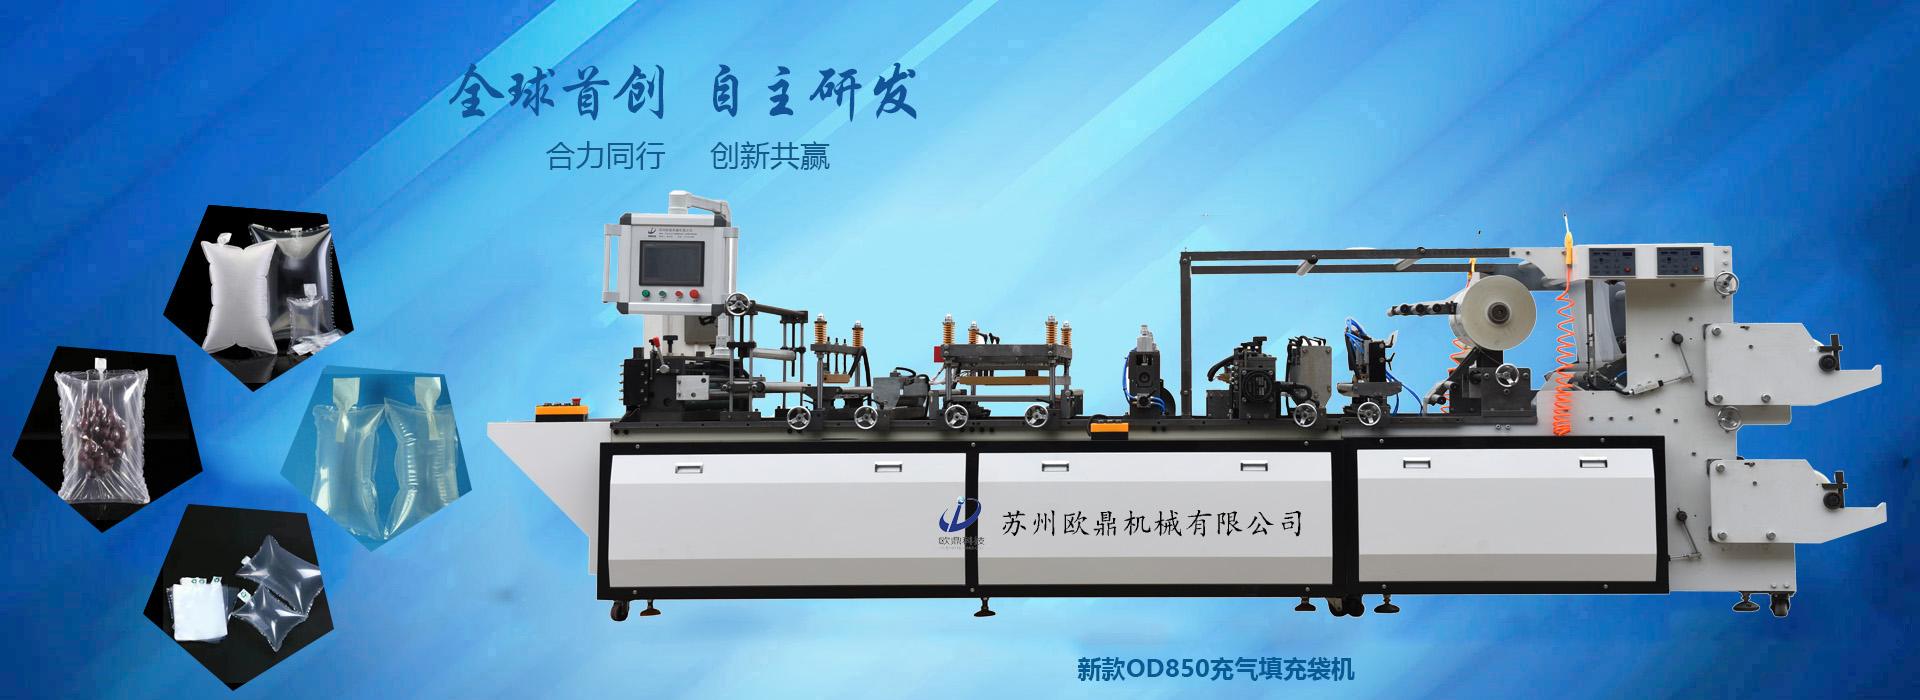 气柱袋生产流水线